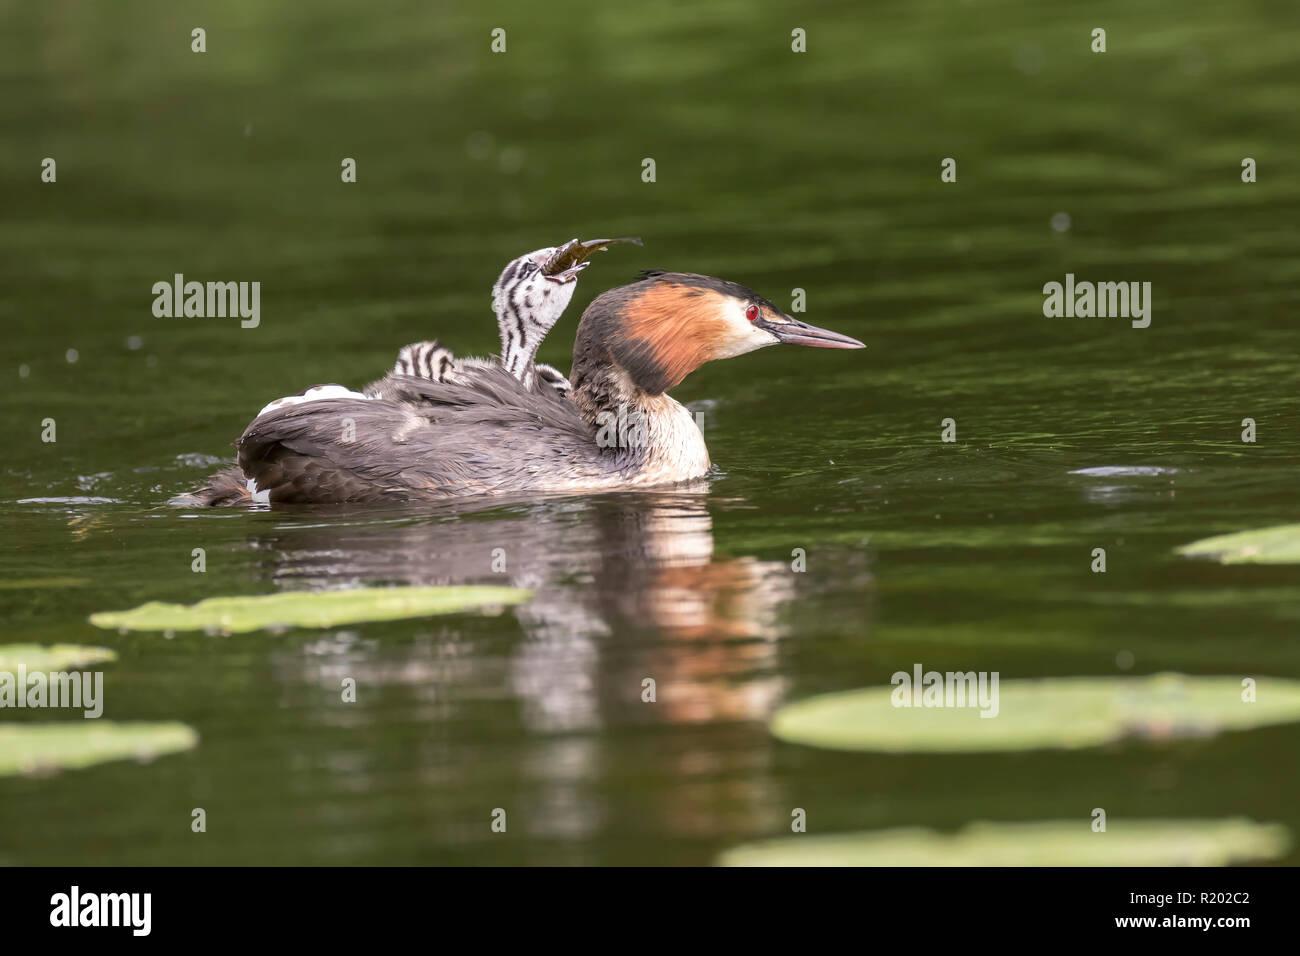 Grèbe huppé (Podiceps cristatus). Piscine pour adultes avec chick à l'arrière, qui est d'essayer de manger du poisson. L'Allemagne. Banque D'Images